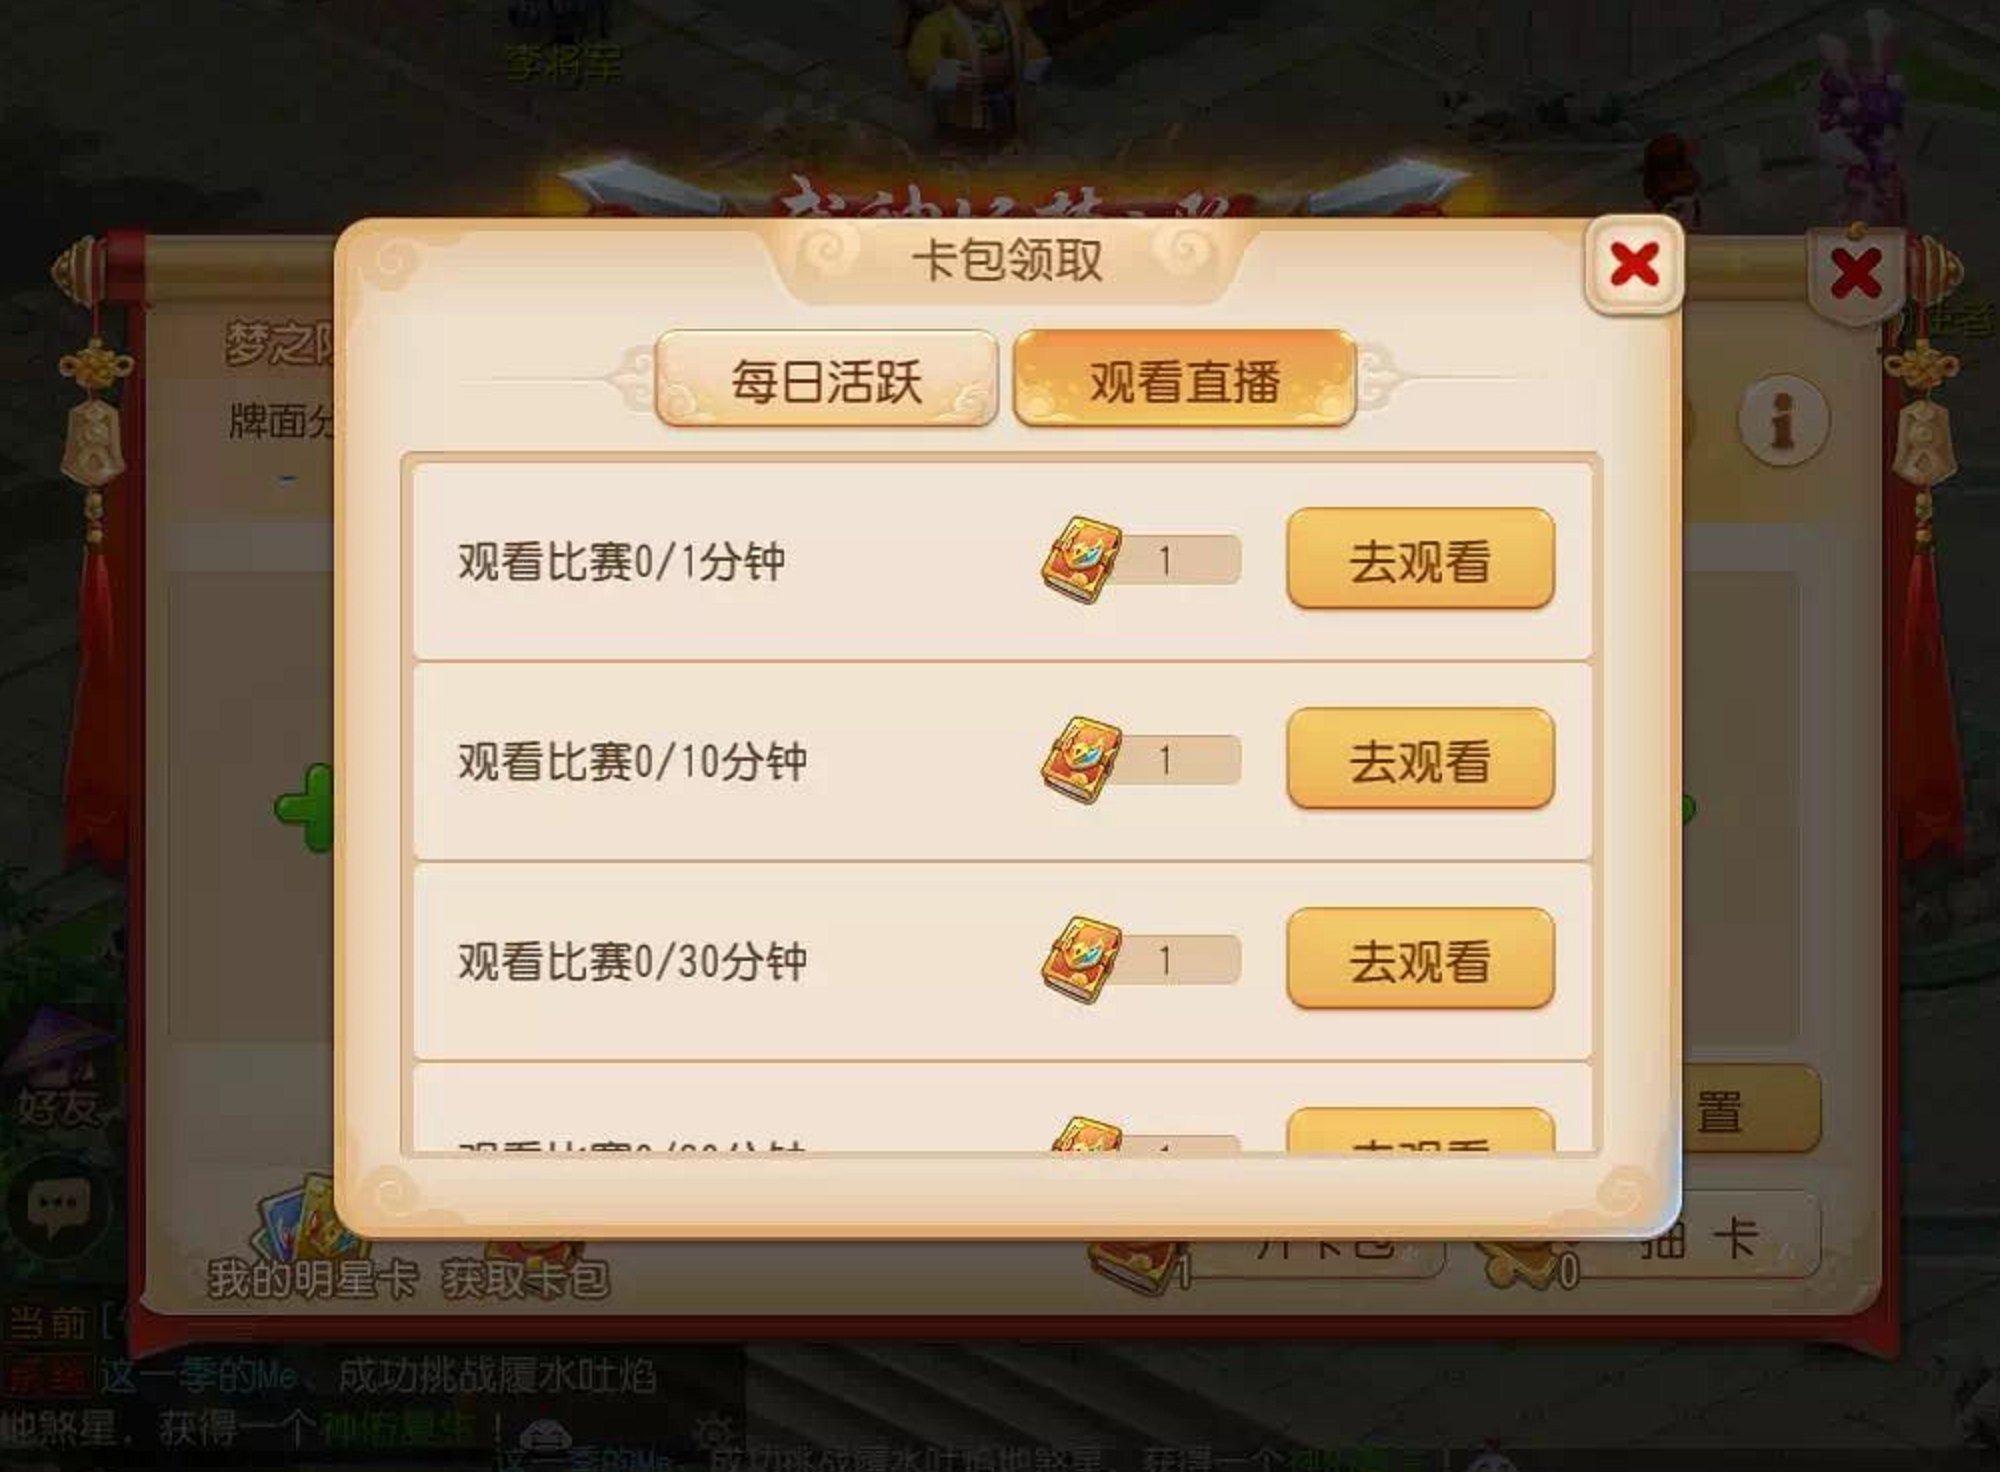 体验升级,《梦幻西游》手机游戏武神坛梦之队用法优化